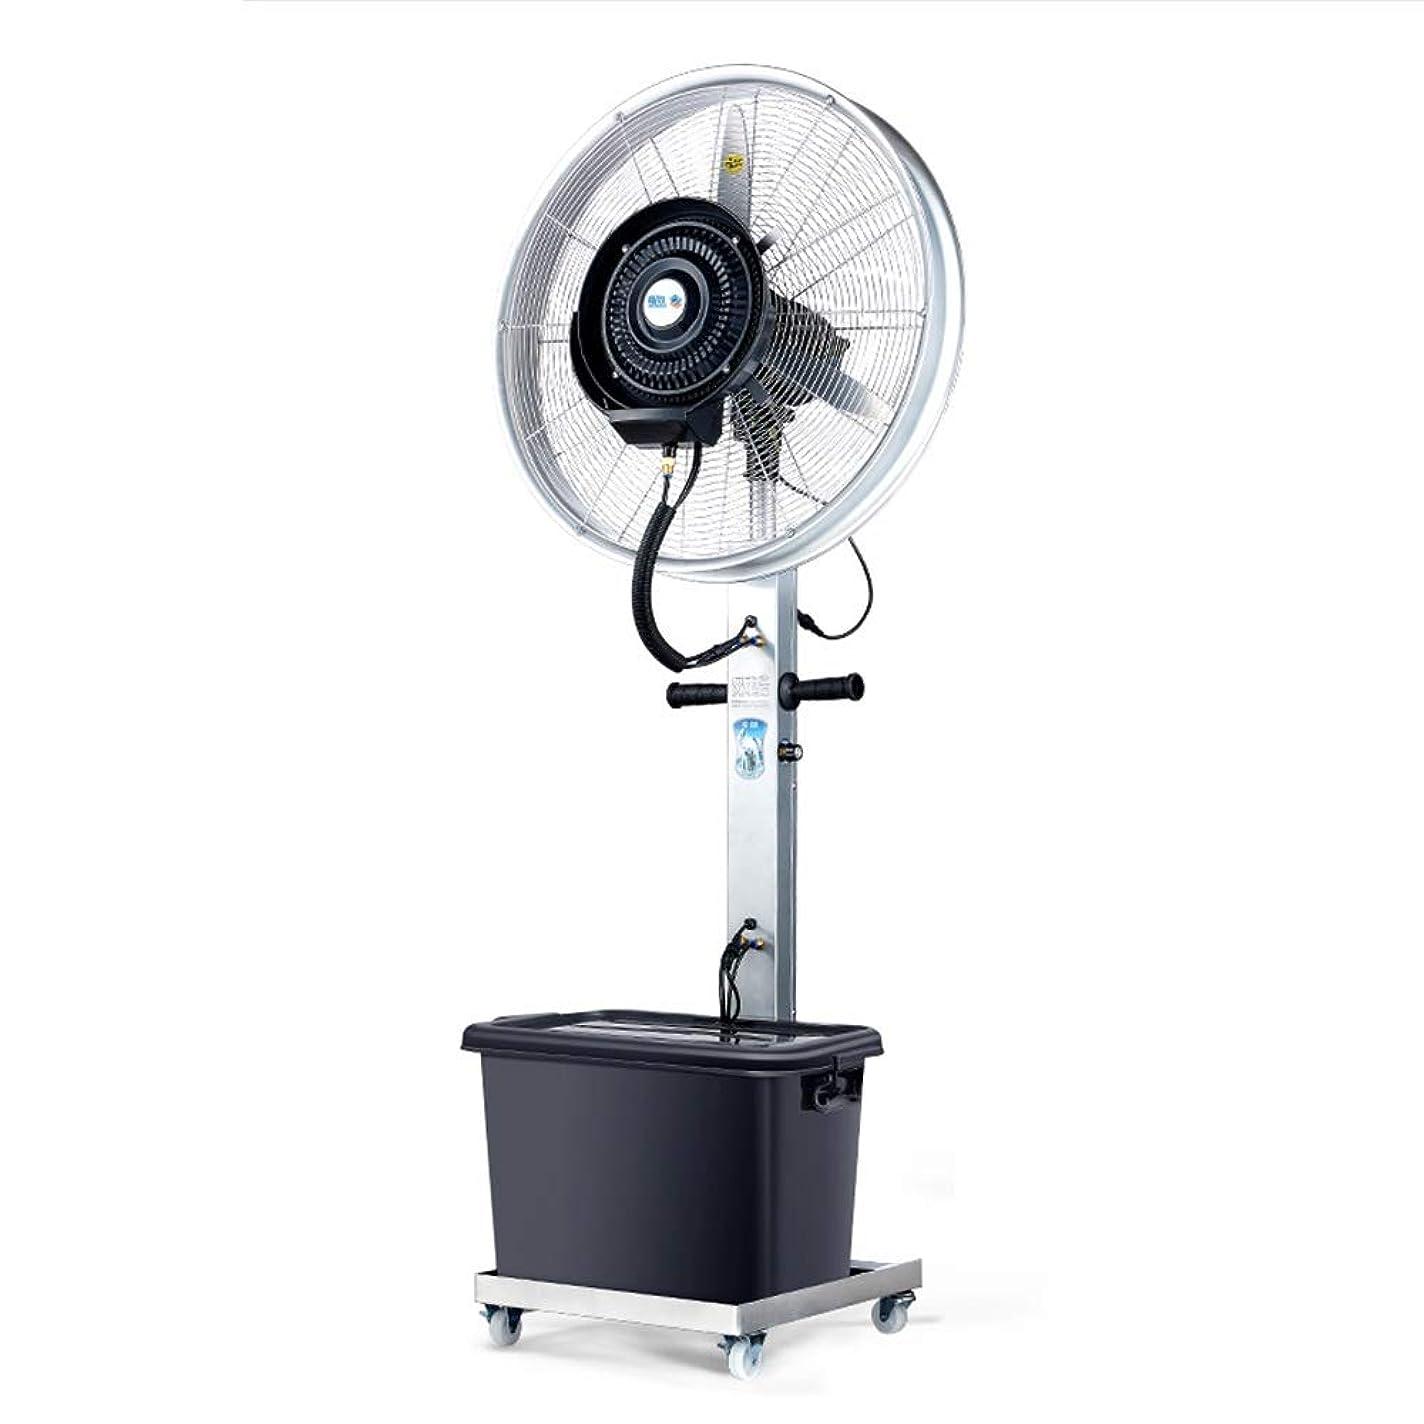 協力ラッシュだらしないFEIFEI 商業用水冷噴霧ファン高出力振動ミストファン加湿工業用電動ファンスプレーファン190ワット